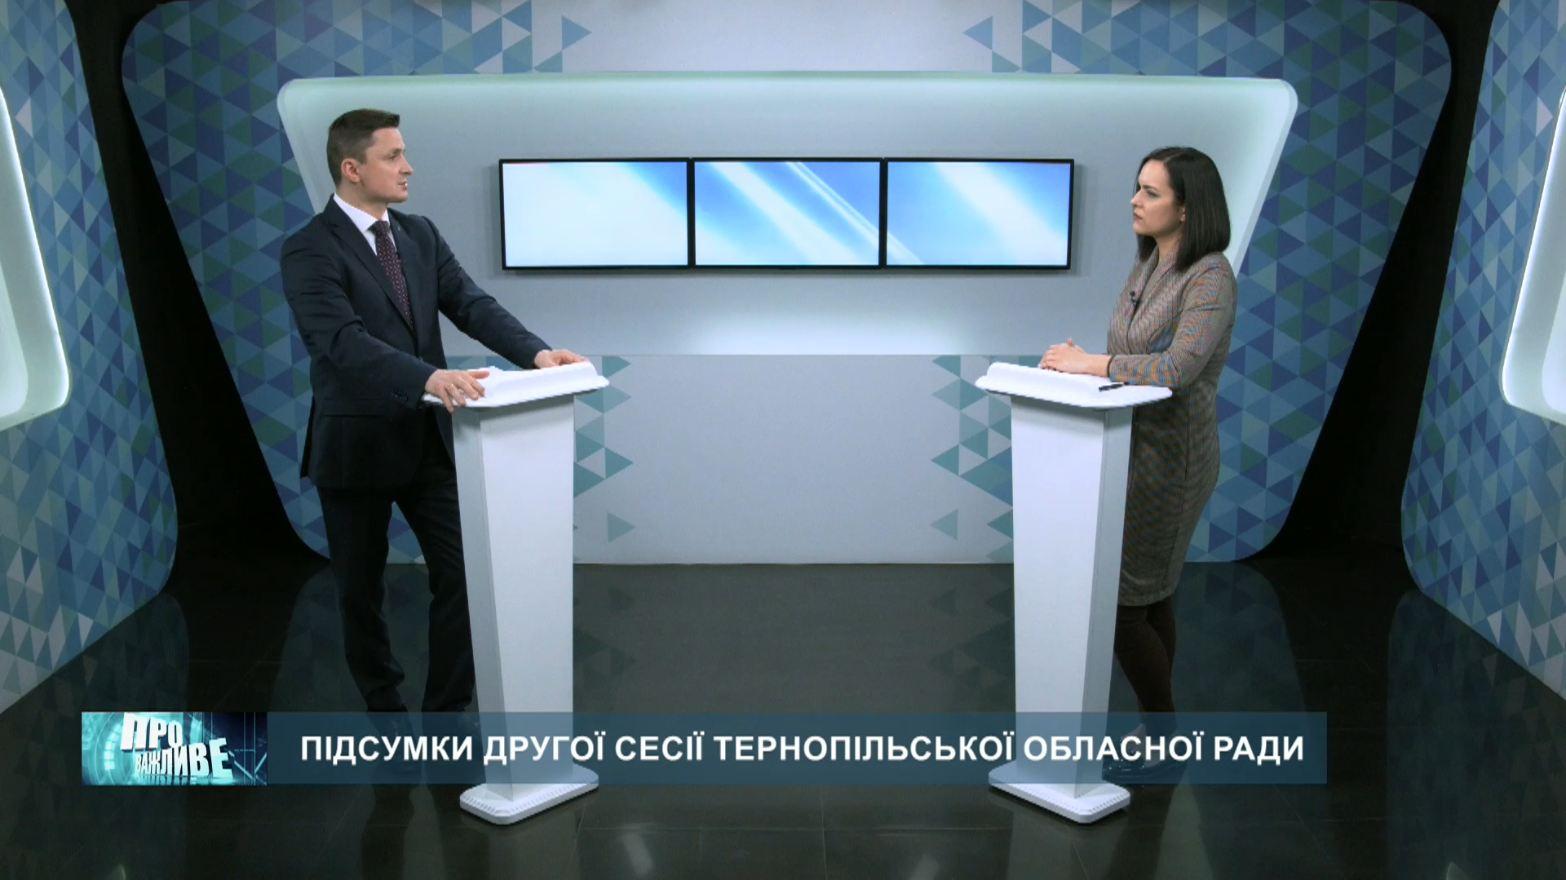 «Про важливе». Підсумки другої сесії Тернопільської обласної ради